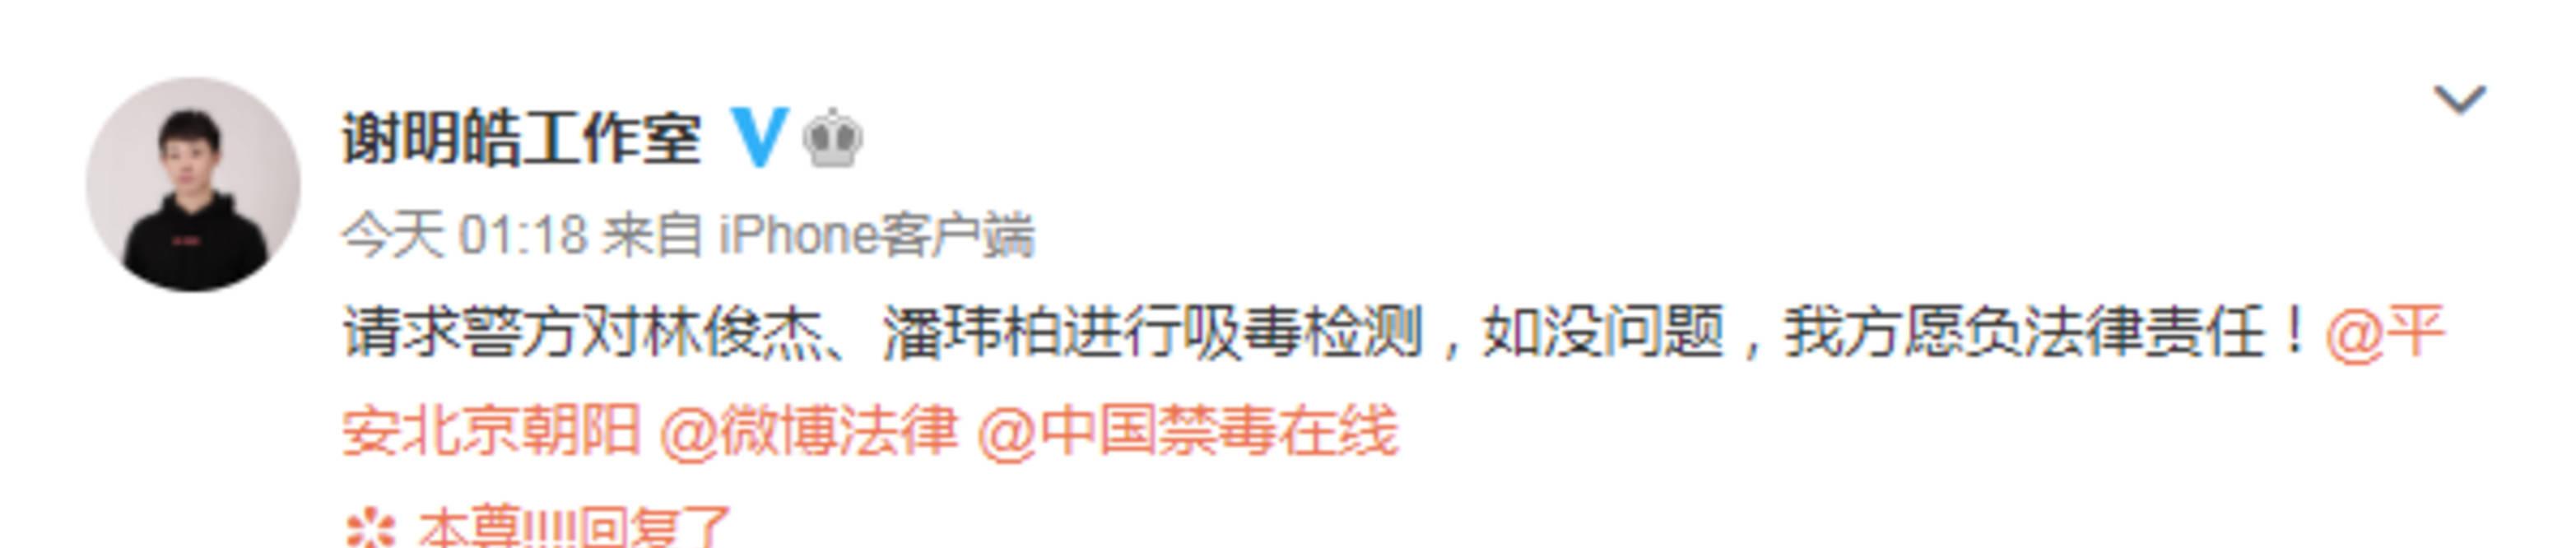 图片[3]-被艺人谢明皓实名举报涉毒后,潘玮柏发声明澄清-番号都